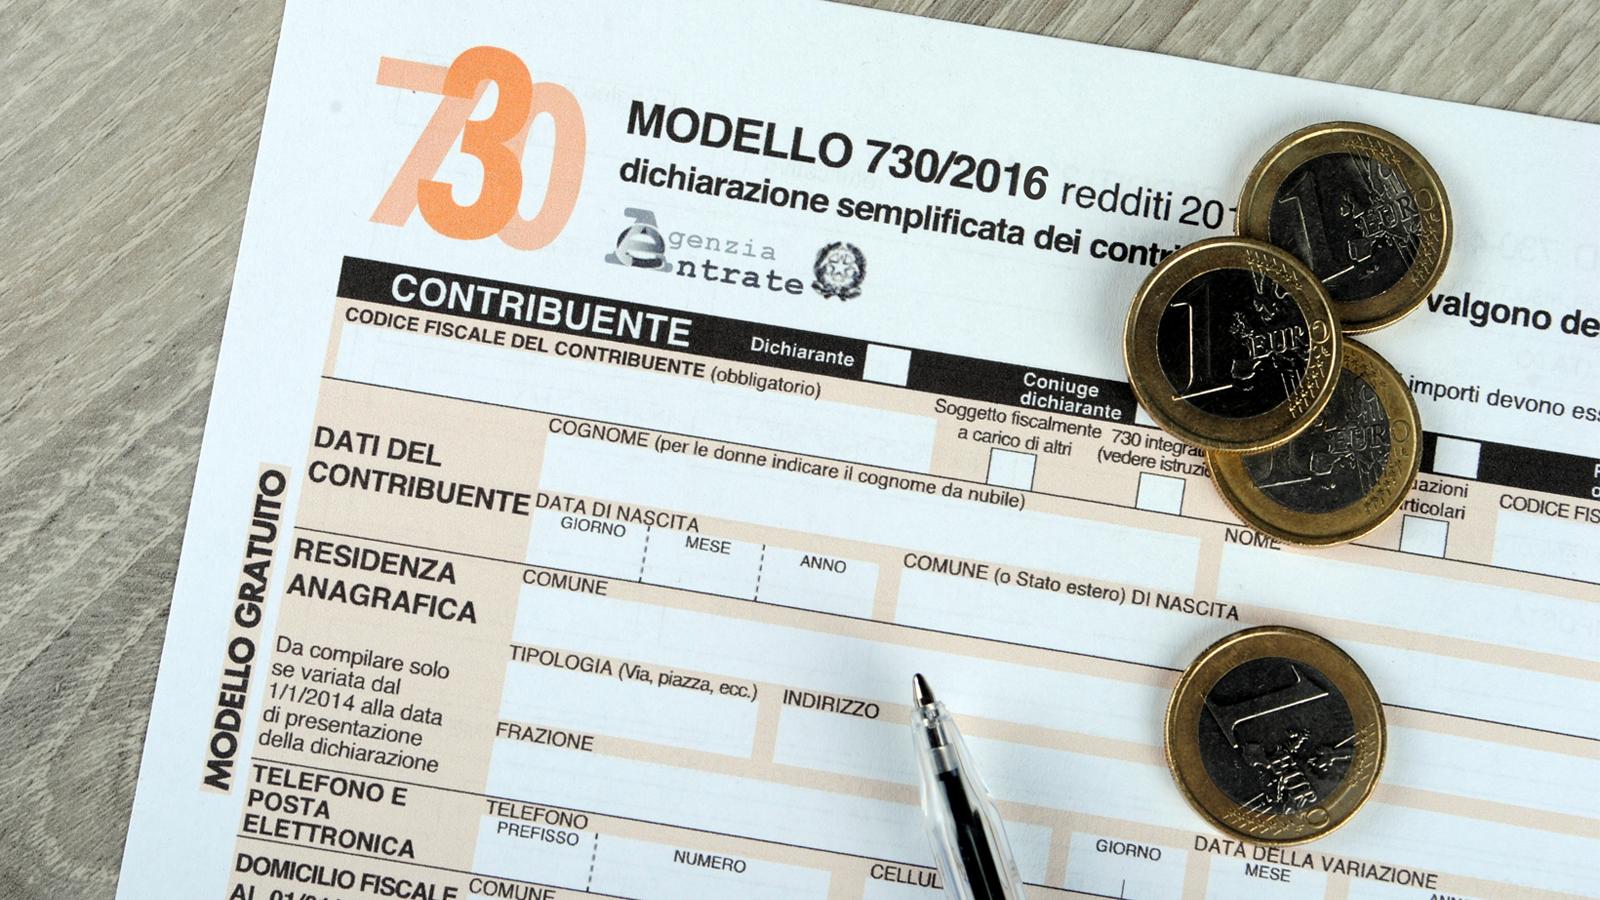 Tutto quello da sapere sul modello 730 del 2017 altroconsumo for Modulo 730 anno 2017